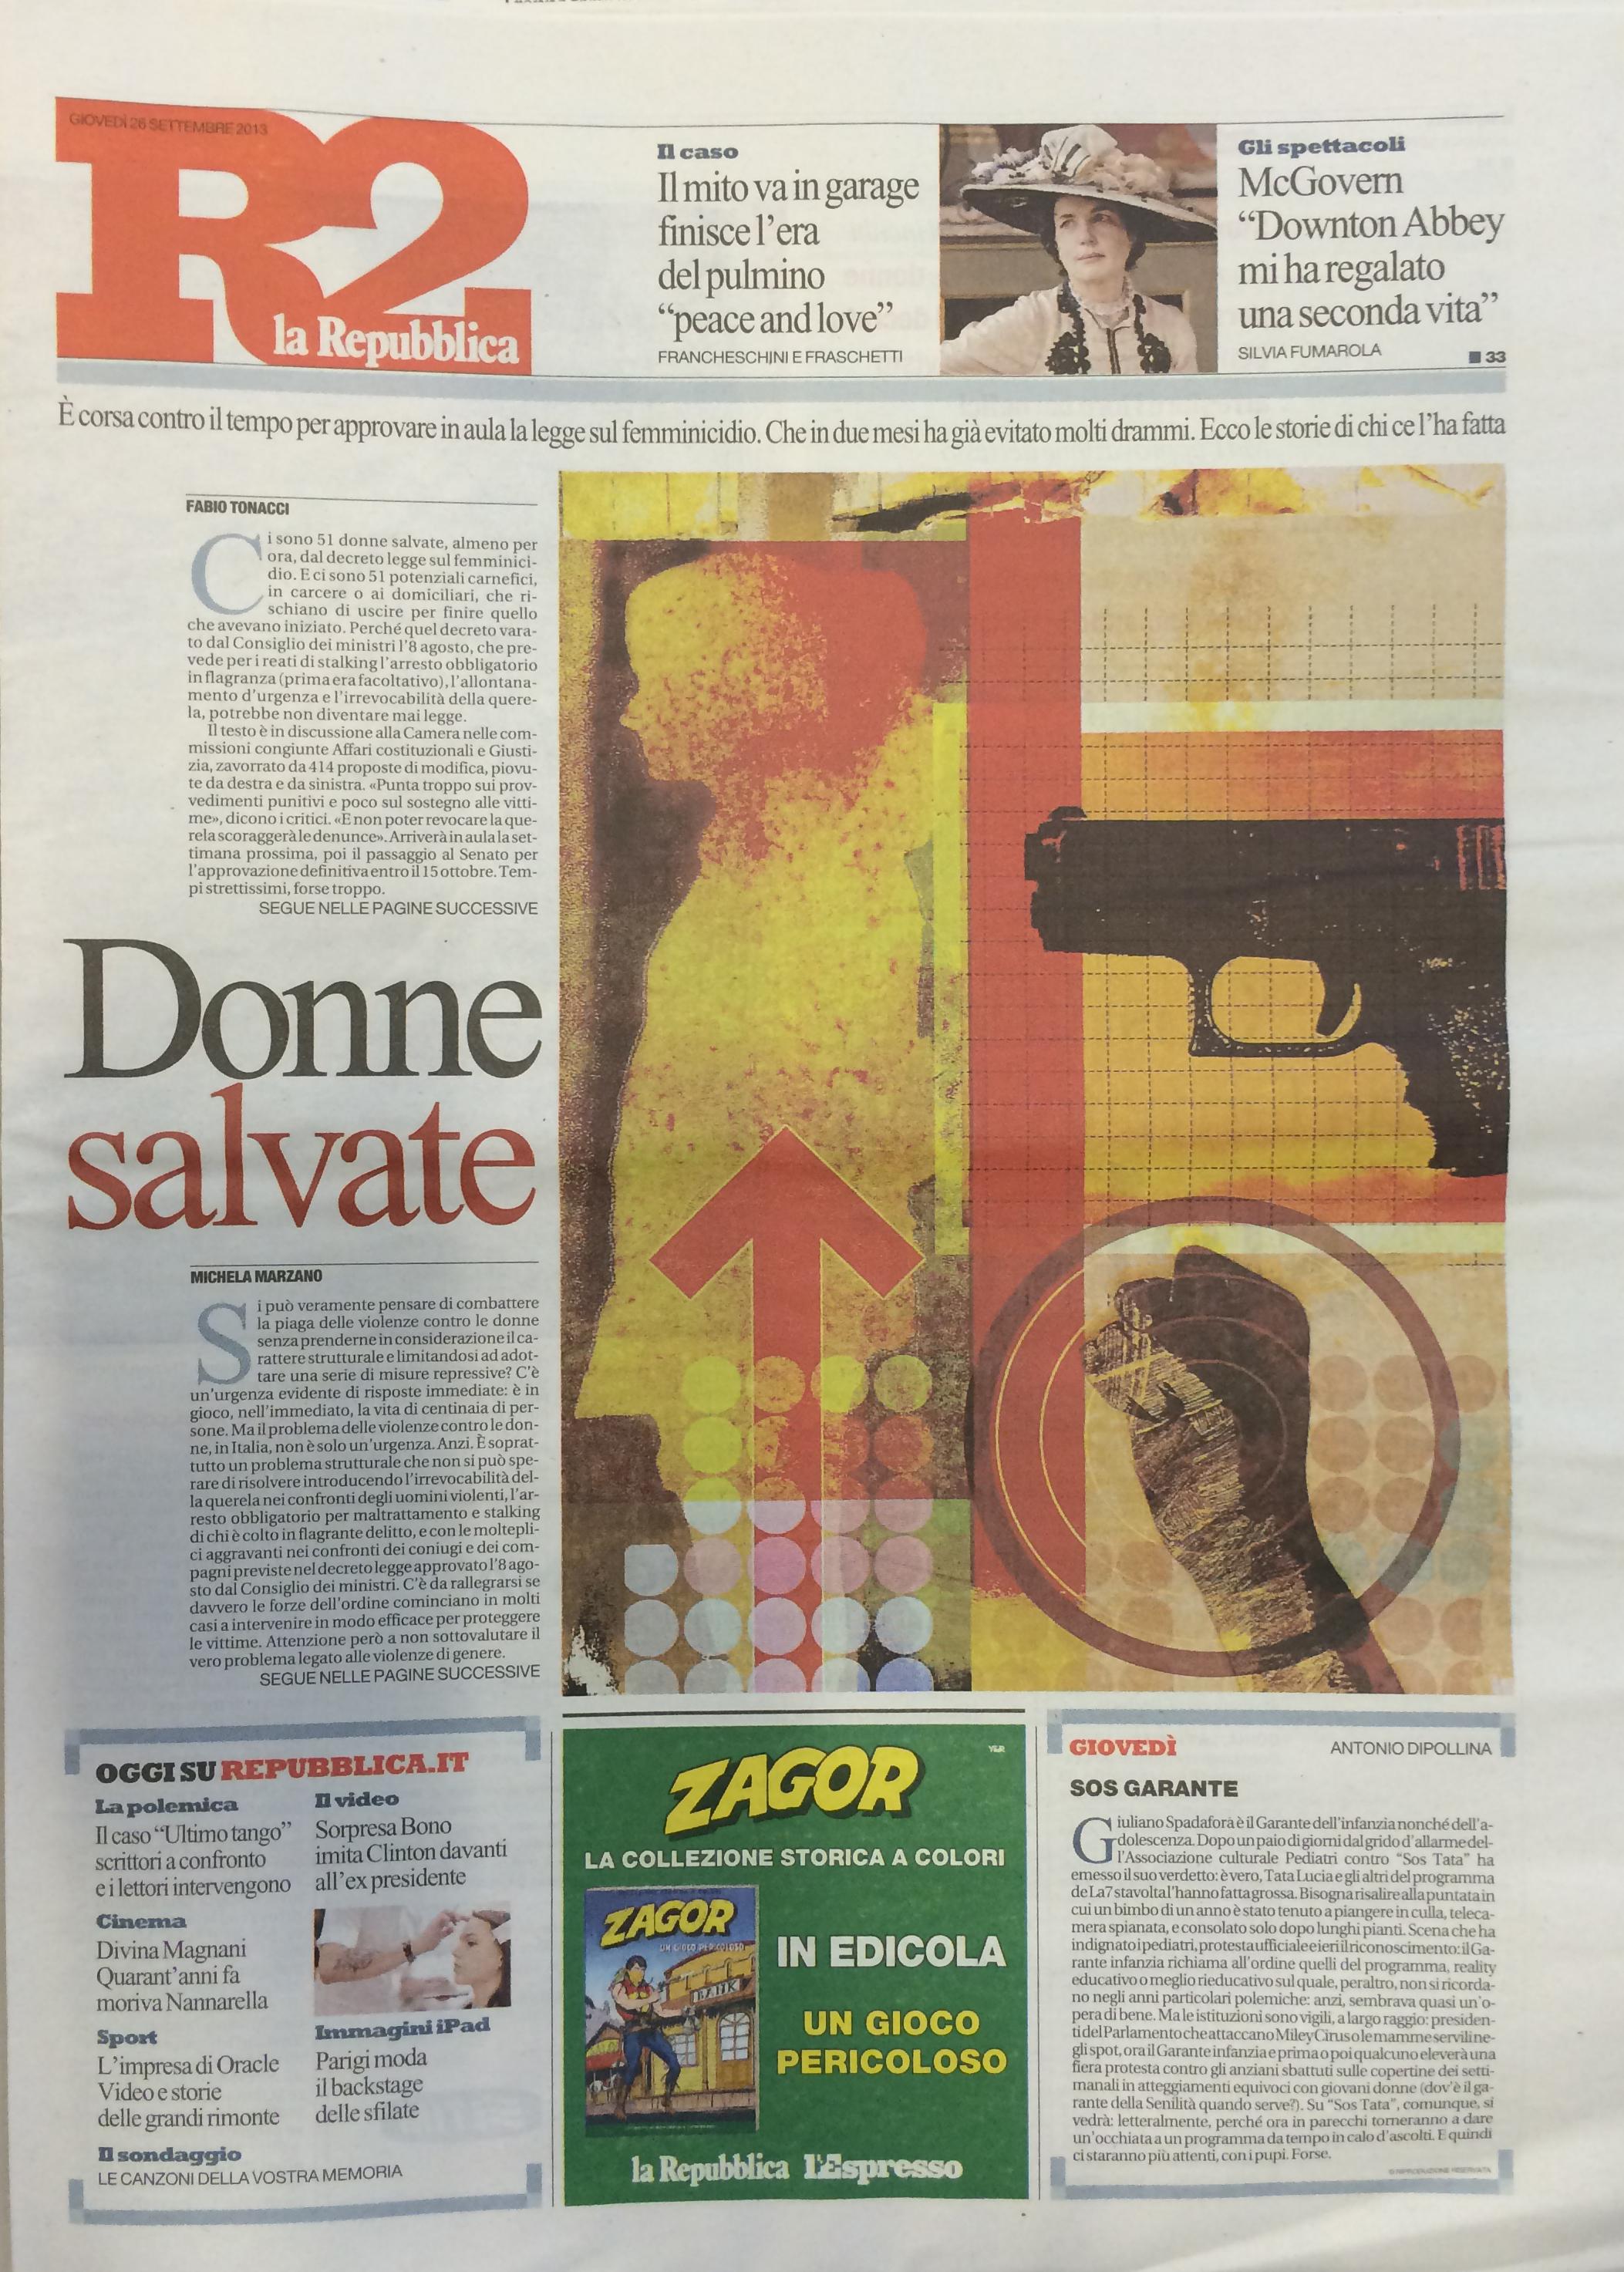 Repubblica, R2, 26 settembre 2013